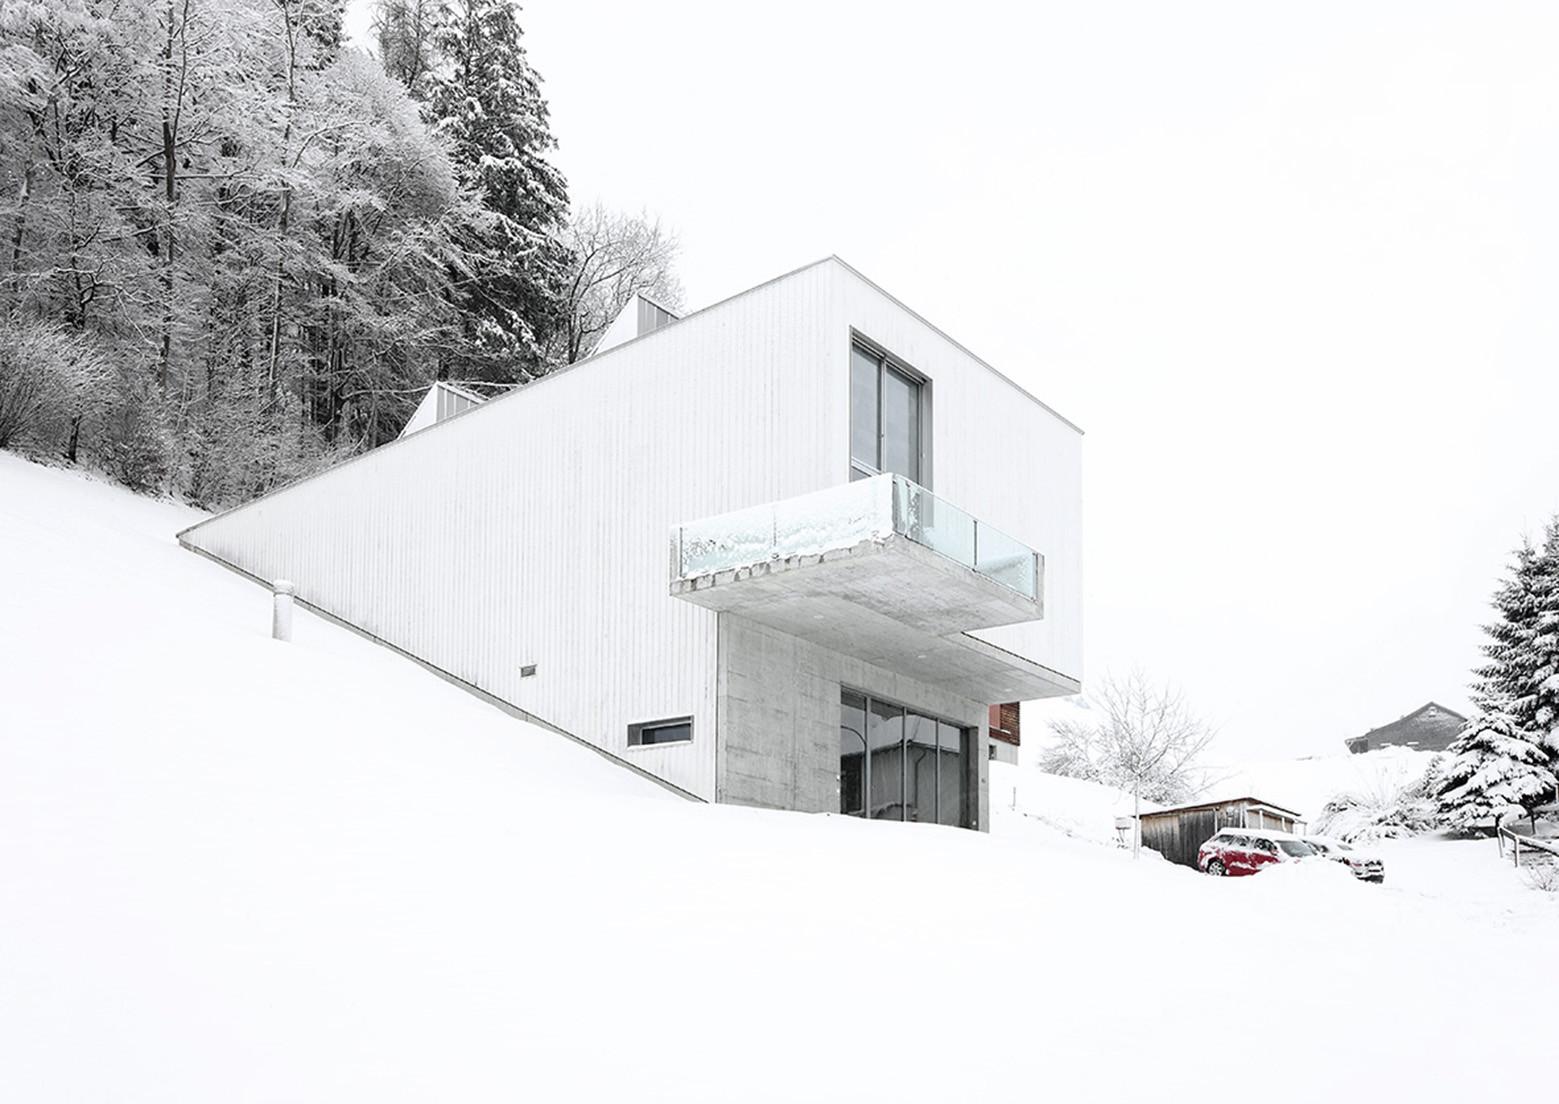 Atelier Albert Oehlen / Abalos + Sentkiewicz + Enguita&Lasso de la Vega, © José Hevia